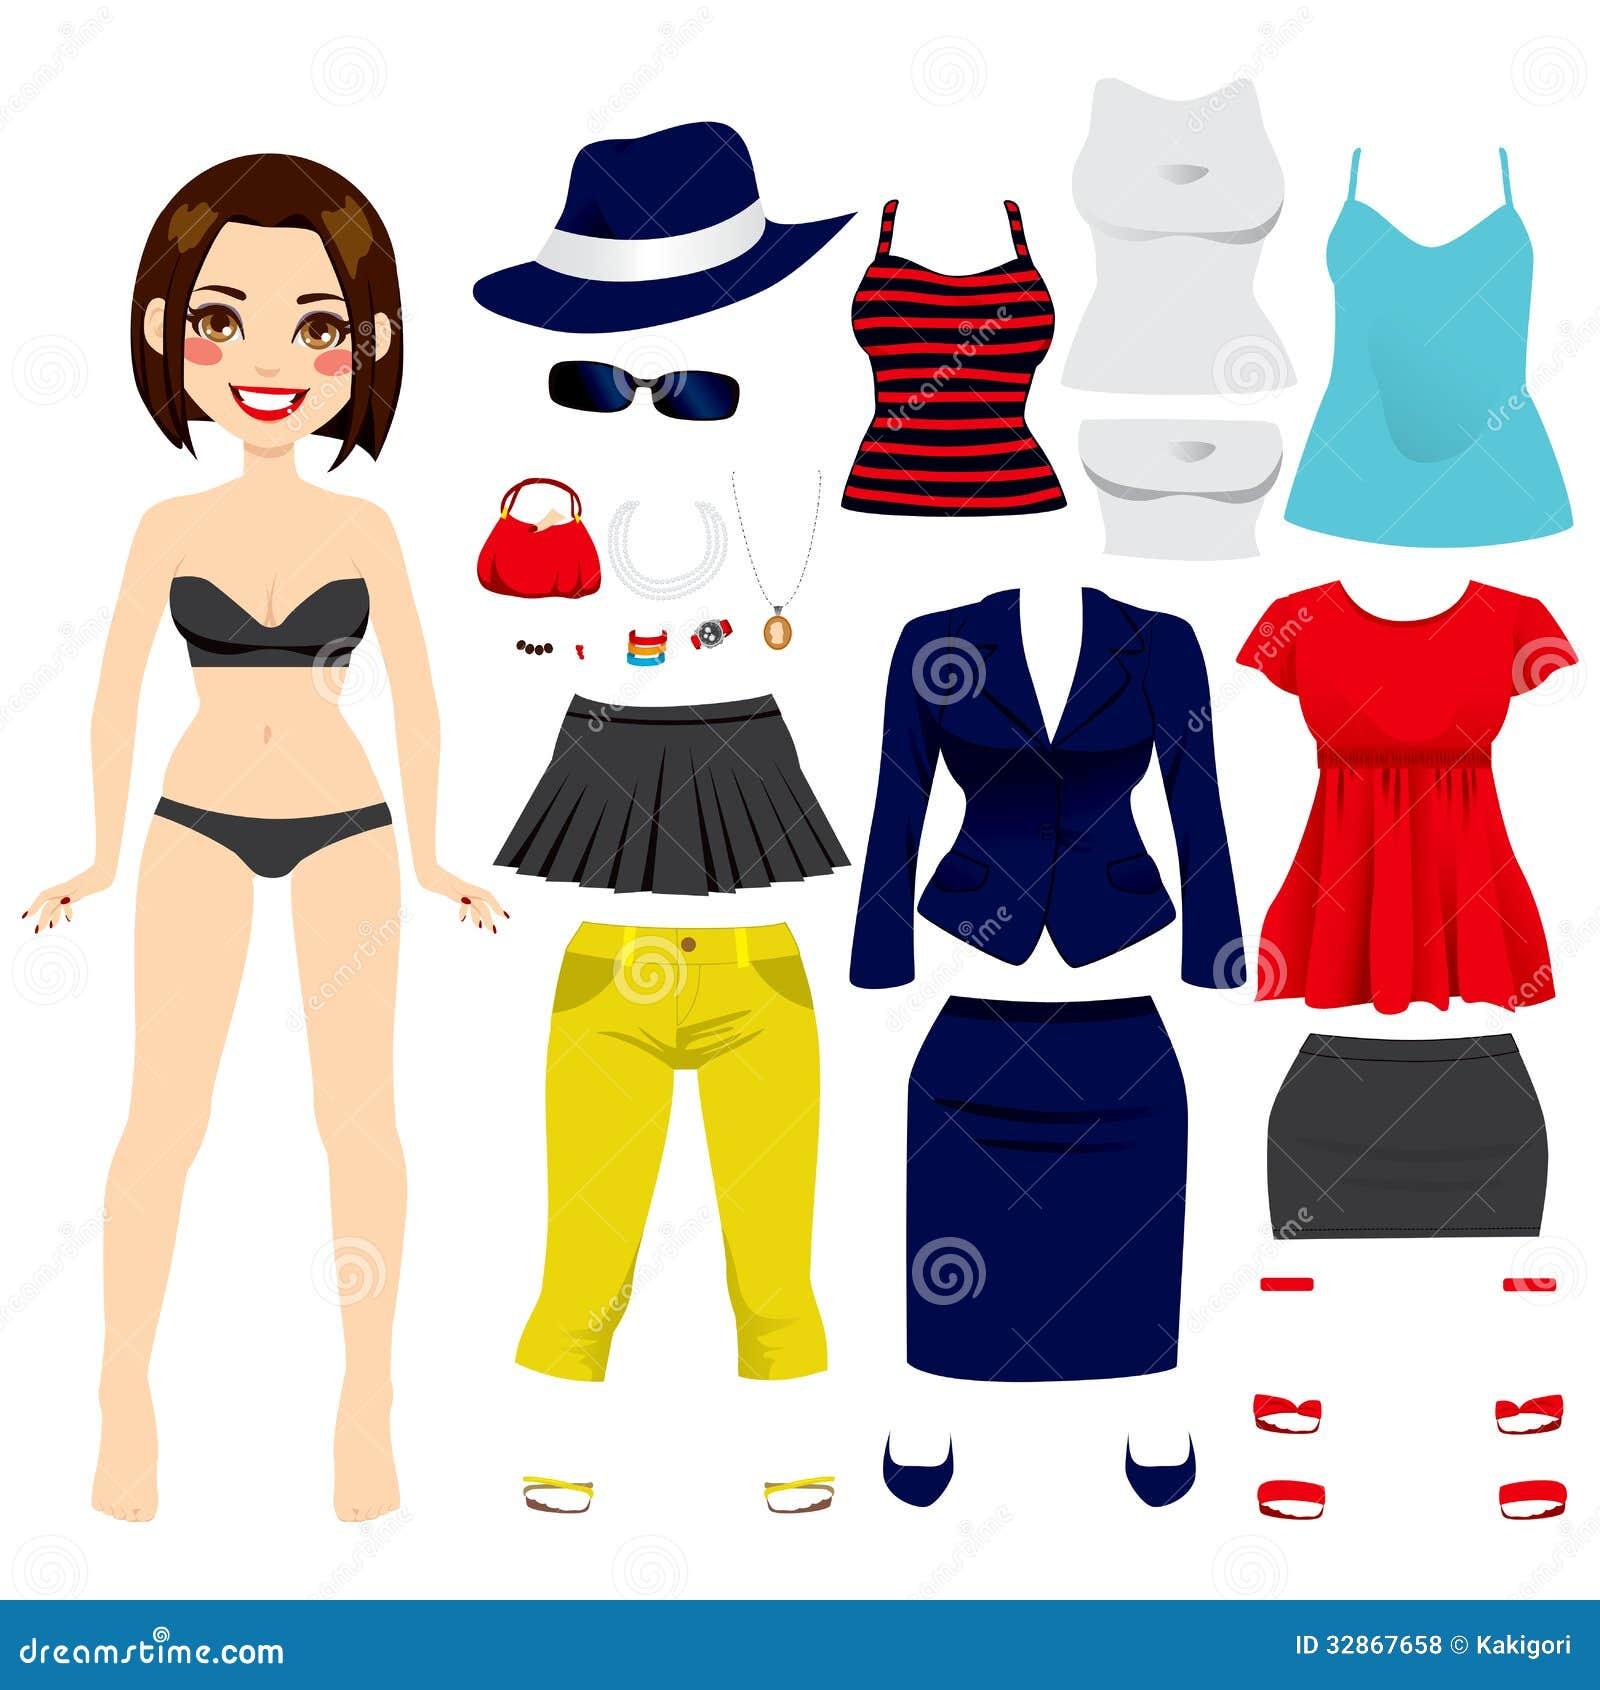 Одевалки для девушек с фото